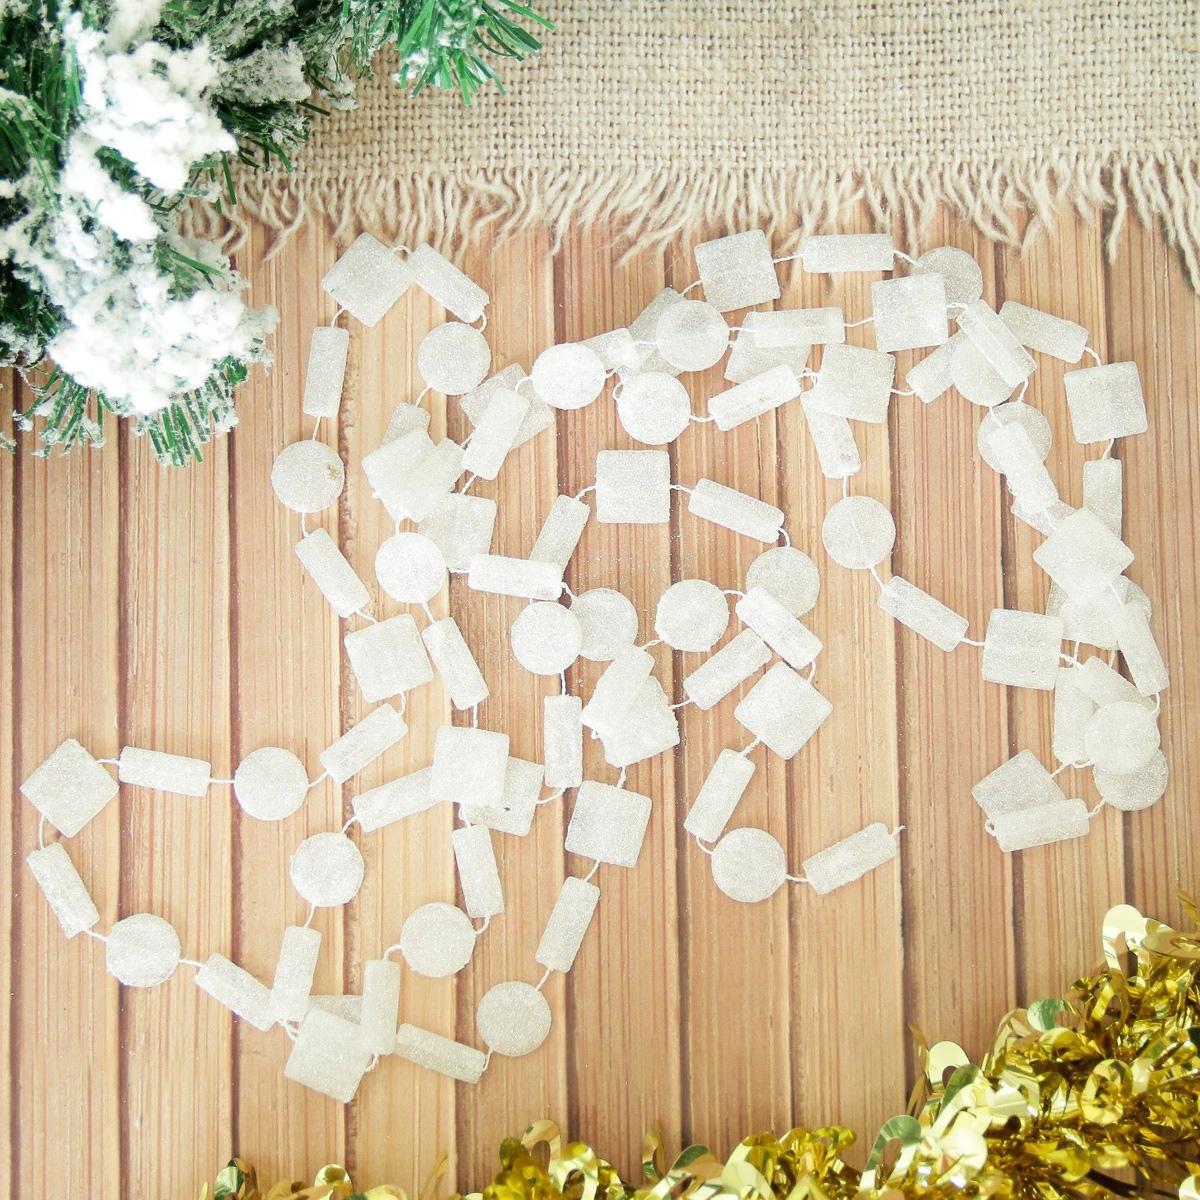 Бусы на елку NoName Снежные фигуры, длина 270 см2155360Невозможно представить нашу жизнь без праздников! Мы всегда ждем их и предвкушаем, обдумываем, как проведем памятный день, тщательно выбираем подарки и аксессуары, ведь именно они создают и поддерживают торжественный настрой. Это отличный выбор, который привнесет атмосферу праздника в ваш дом!